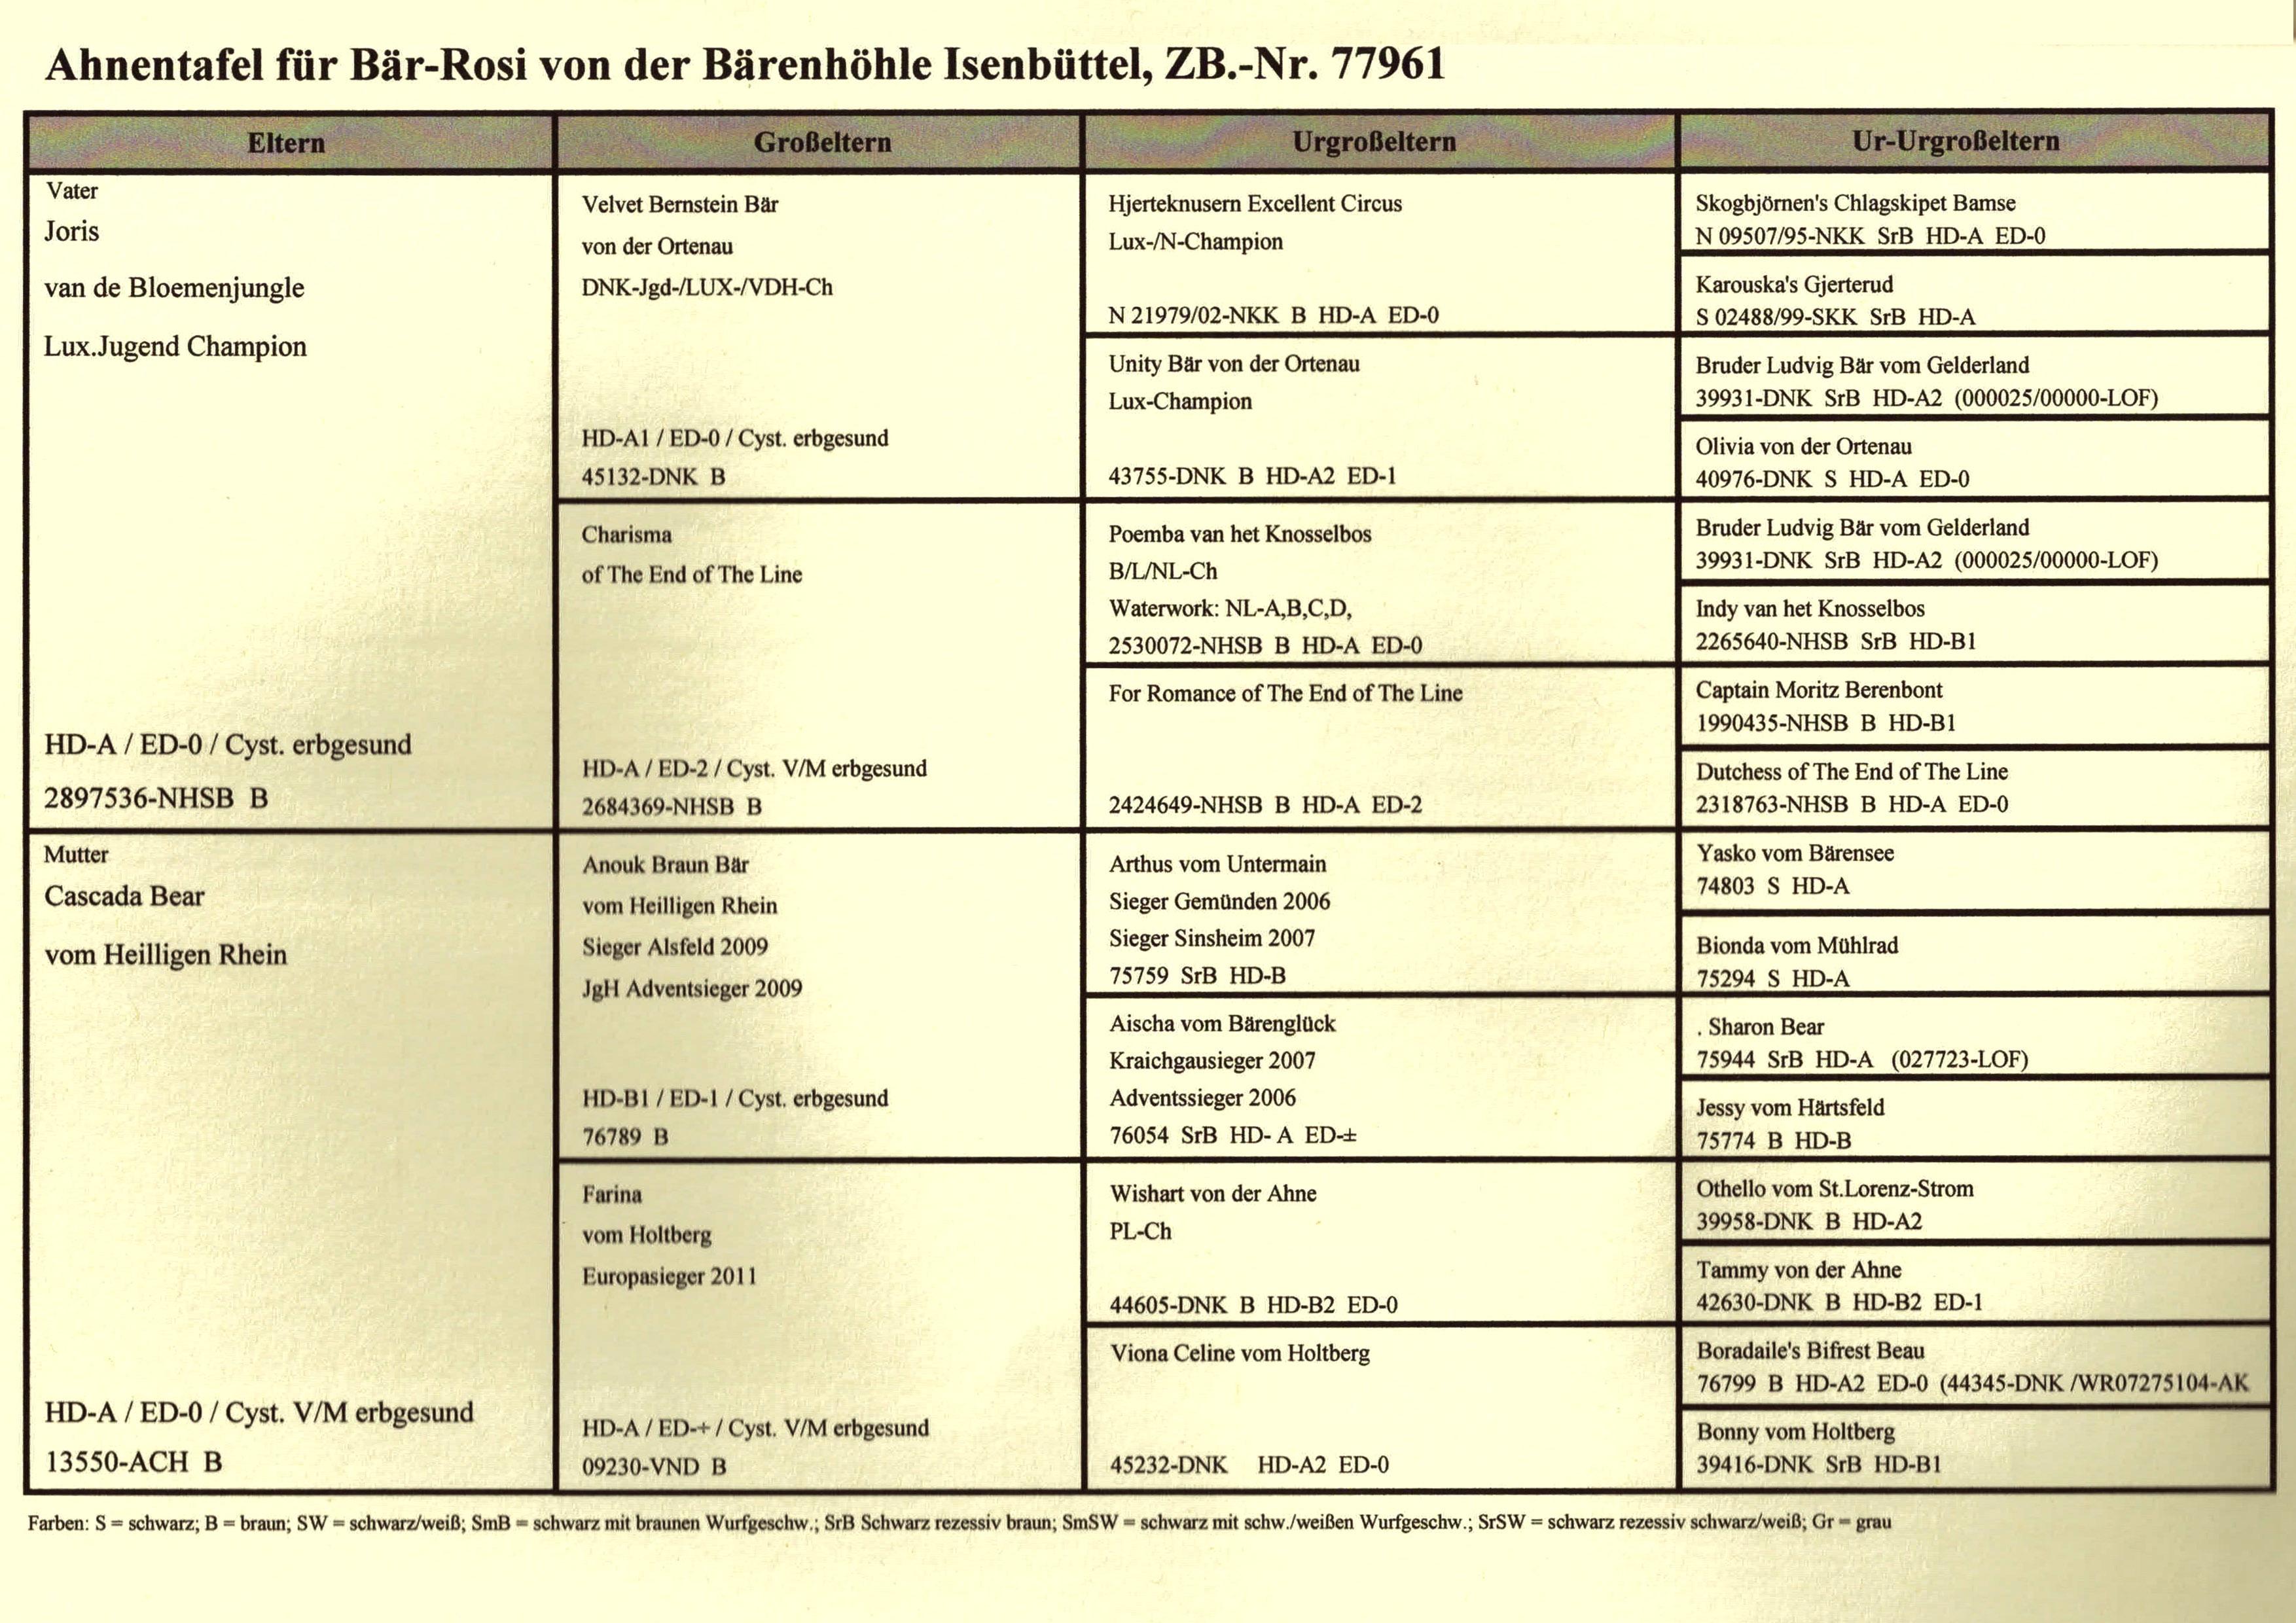 Ahnentafel Bär-Rosi Seite 2